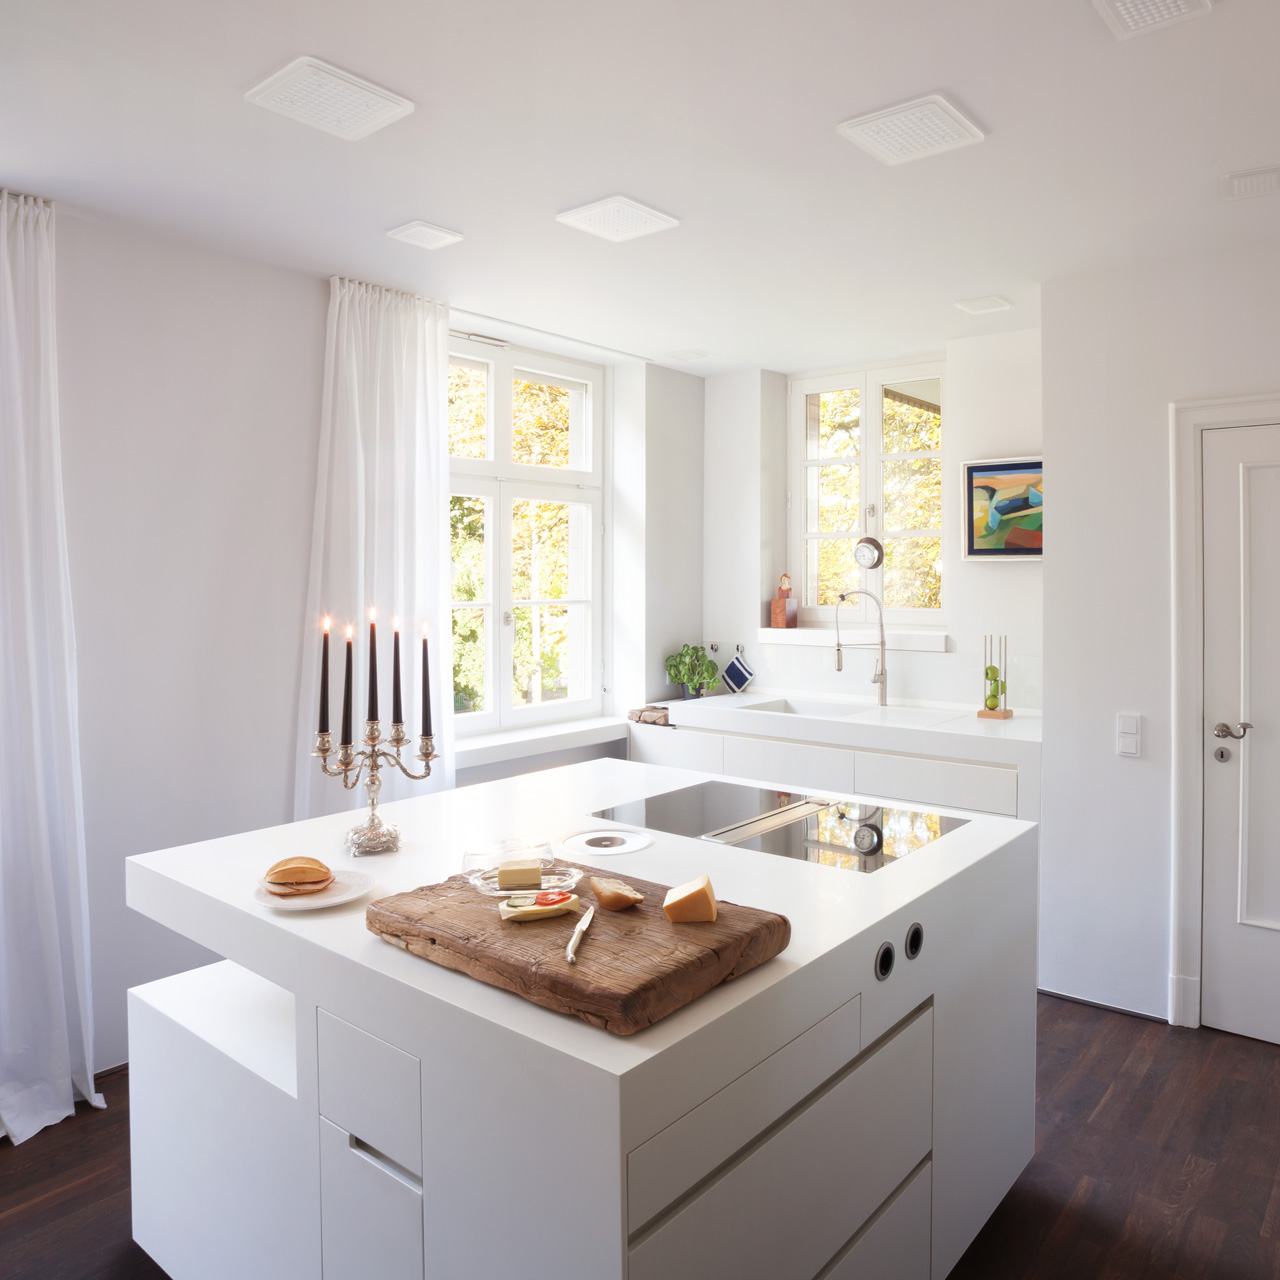 plan 3 kuchyně / Rekonstrukce kuchyně v panskéhom sídle / Historie, tradice, hodnoty